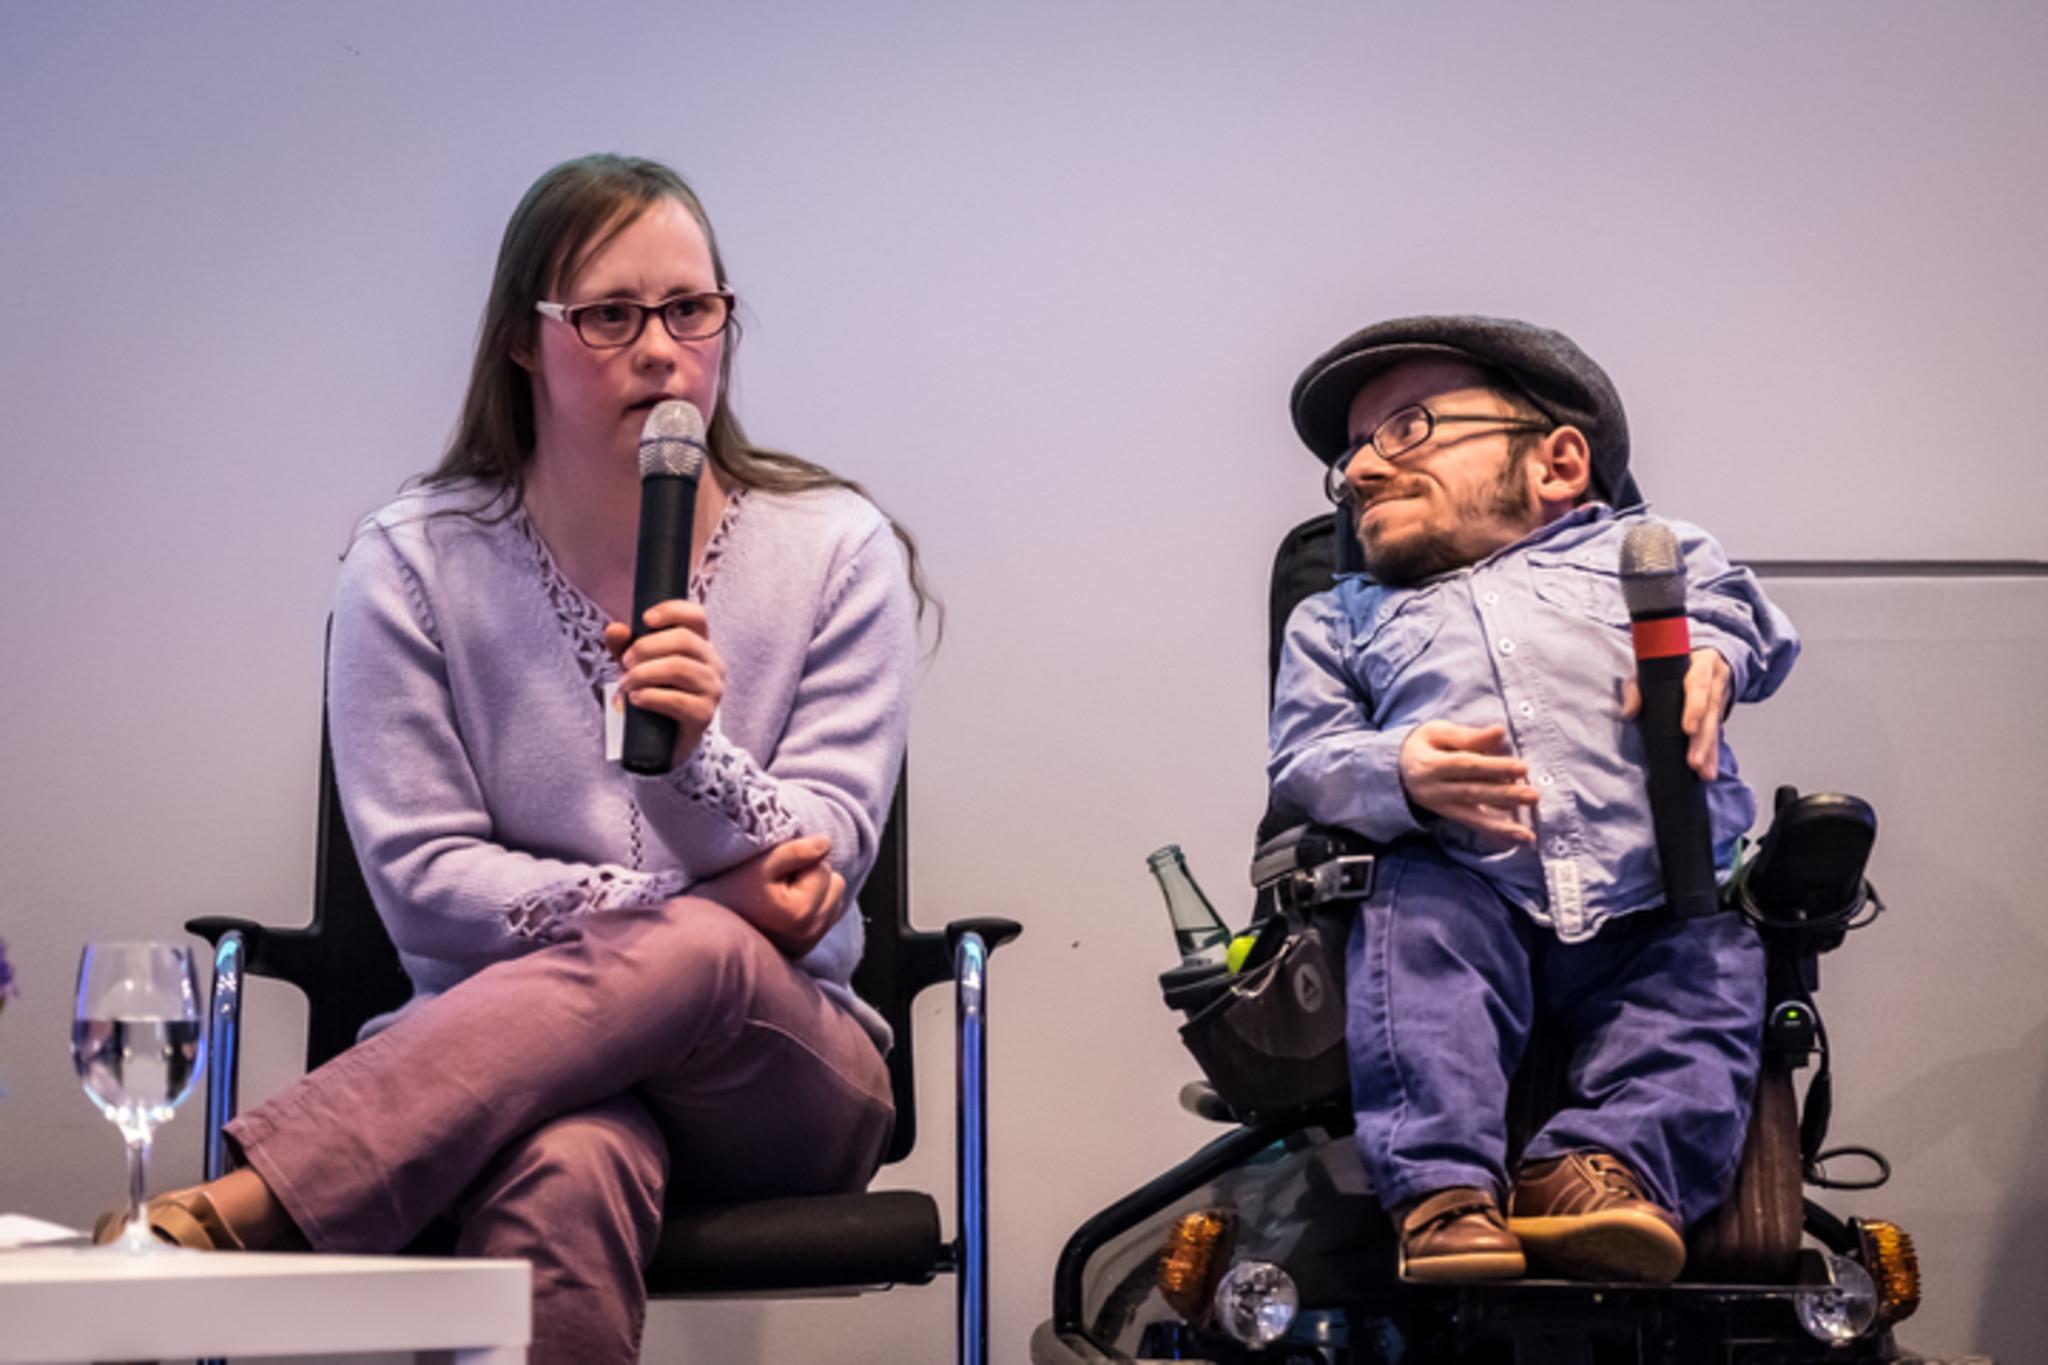 Foto Podiumsdiskussion. Links Schauspielerin Carina Kühne mit Mikrofon sprechend, rechts Aktivist Raul Krauthausen mit Mikrofon.